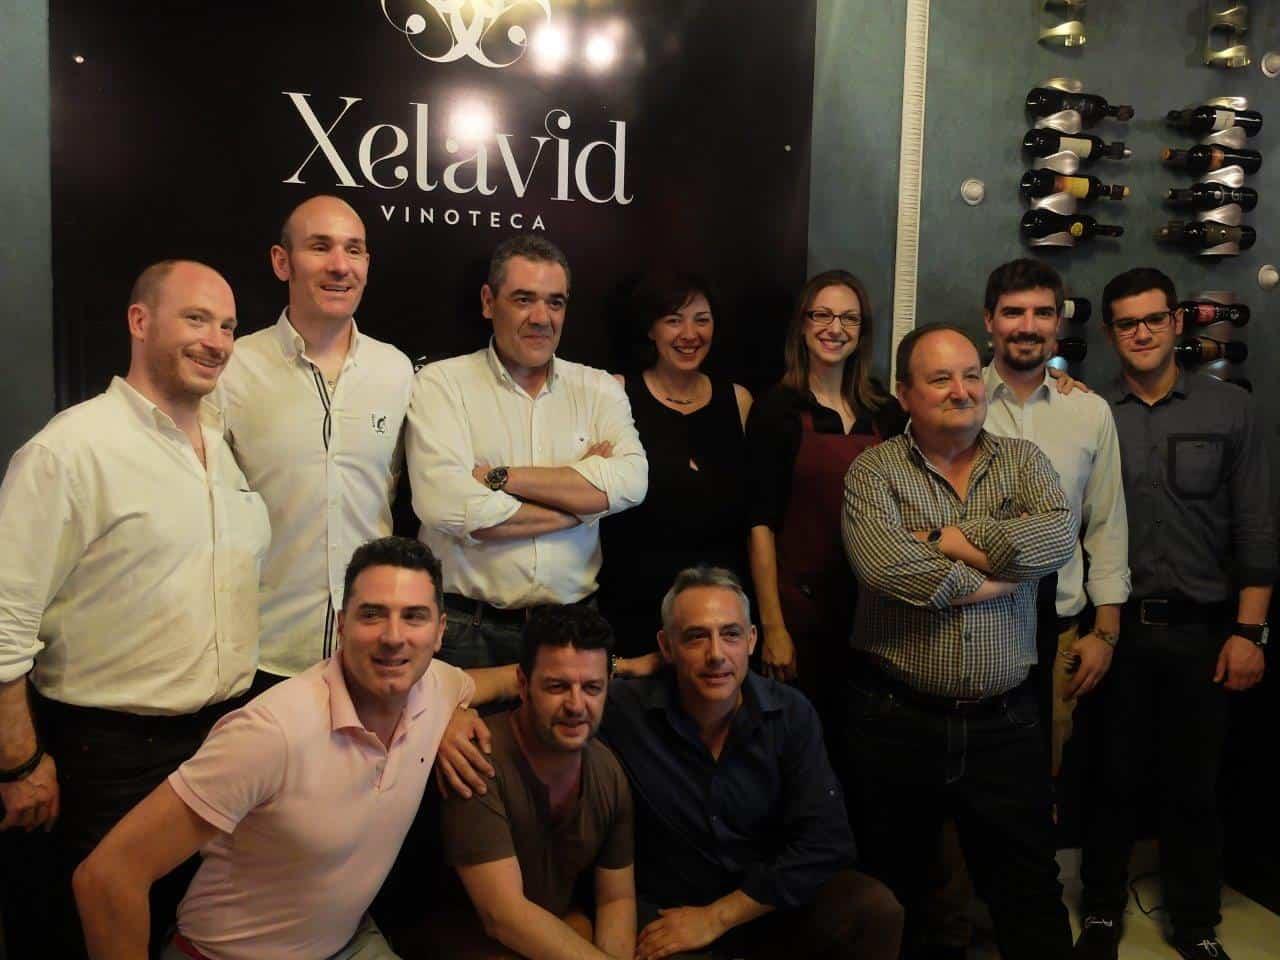 Foto de grupo Xelavid y bodegueros